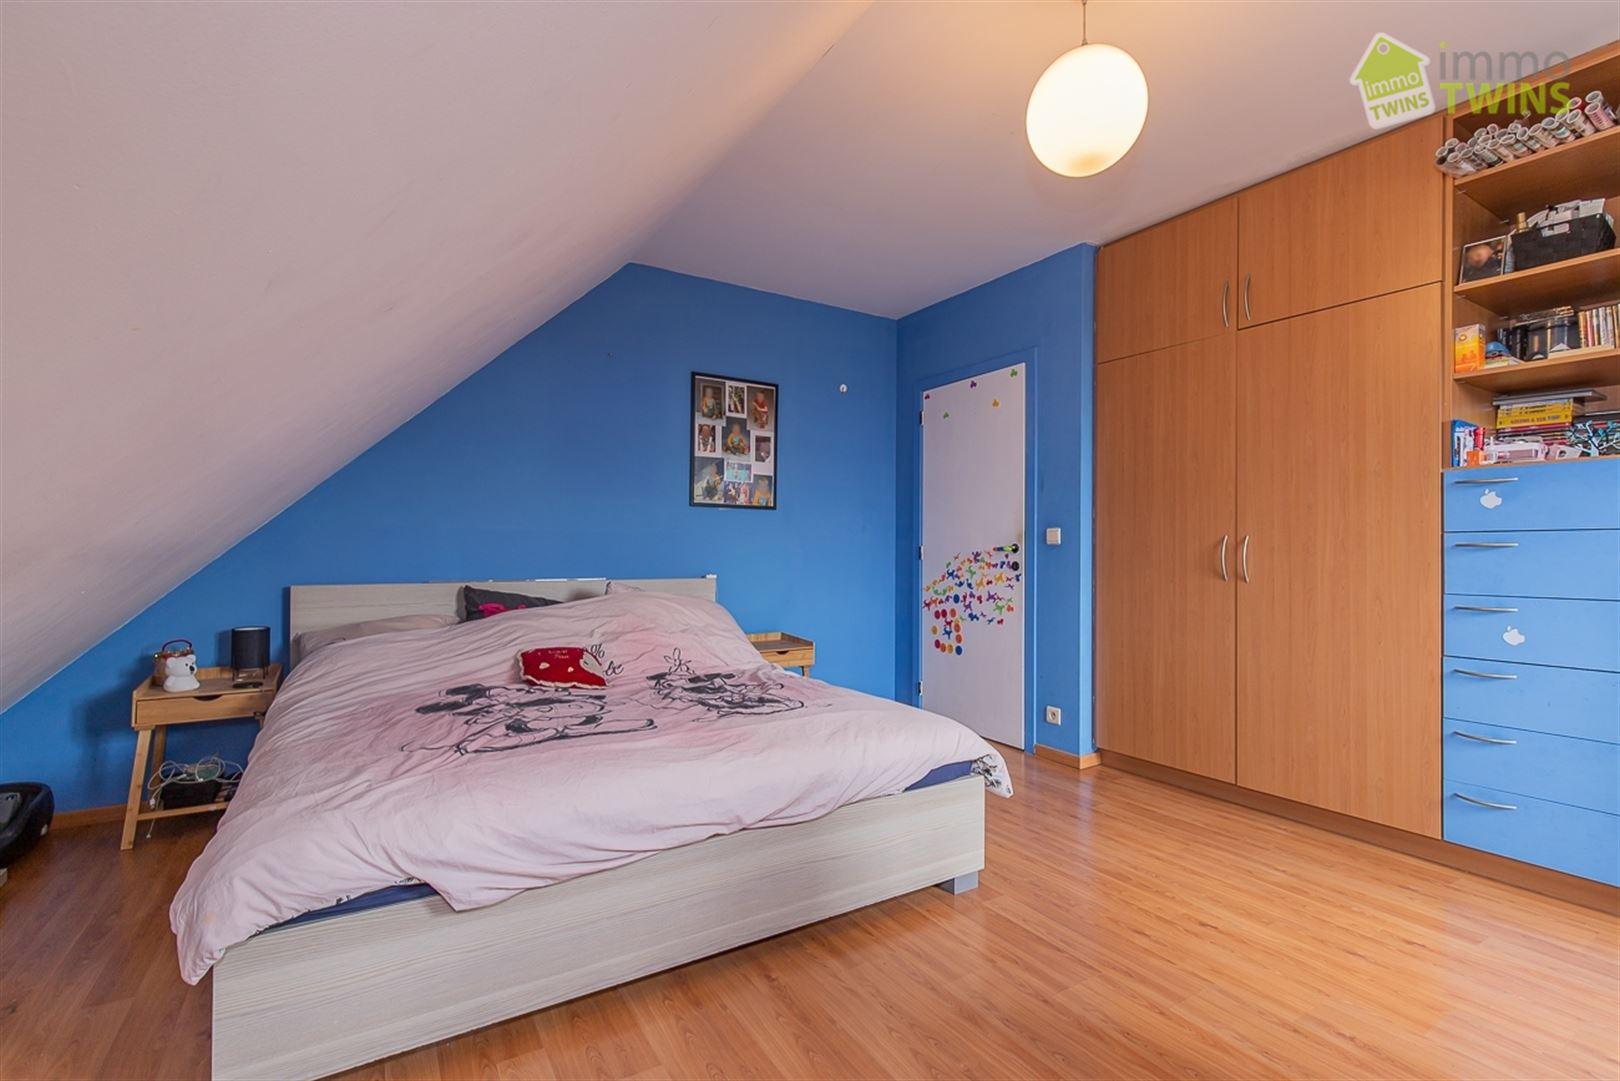 Foto 12 : Villa te 9140 TEMSE (België) - Prijs € 465.000